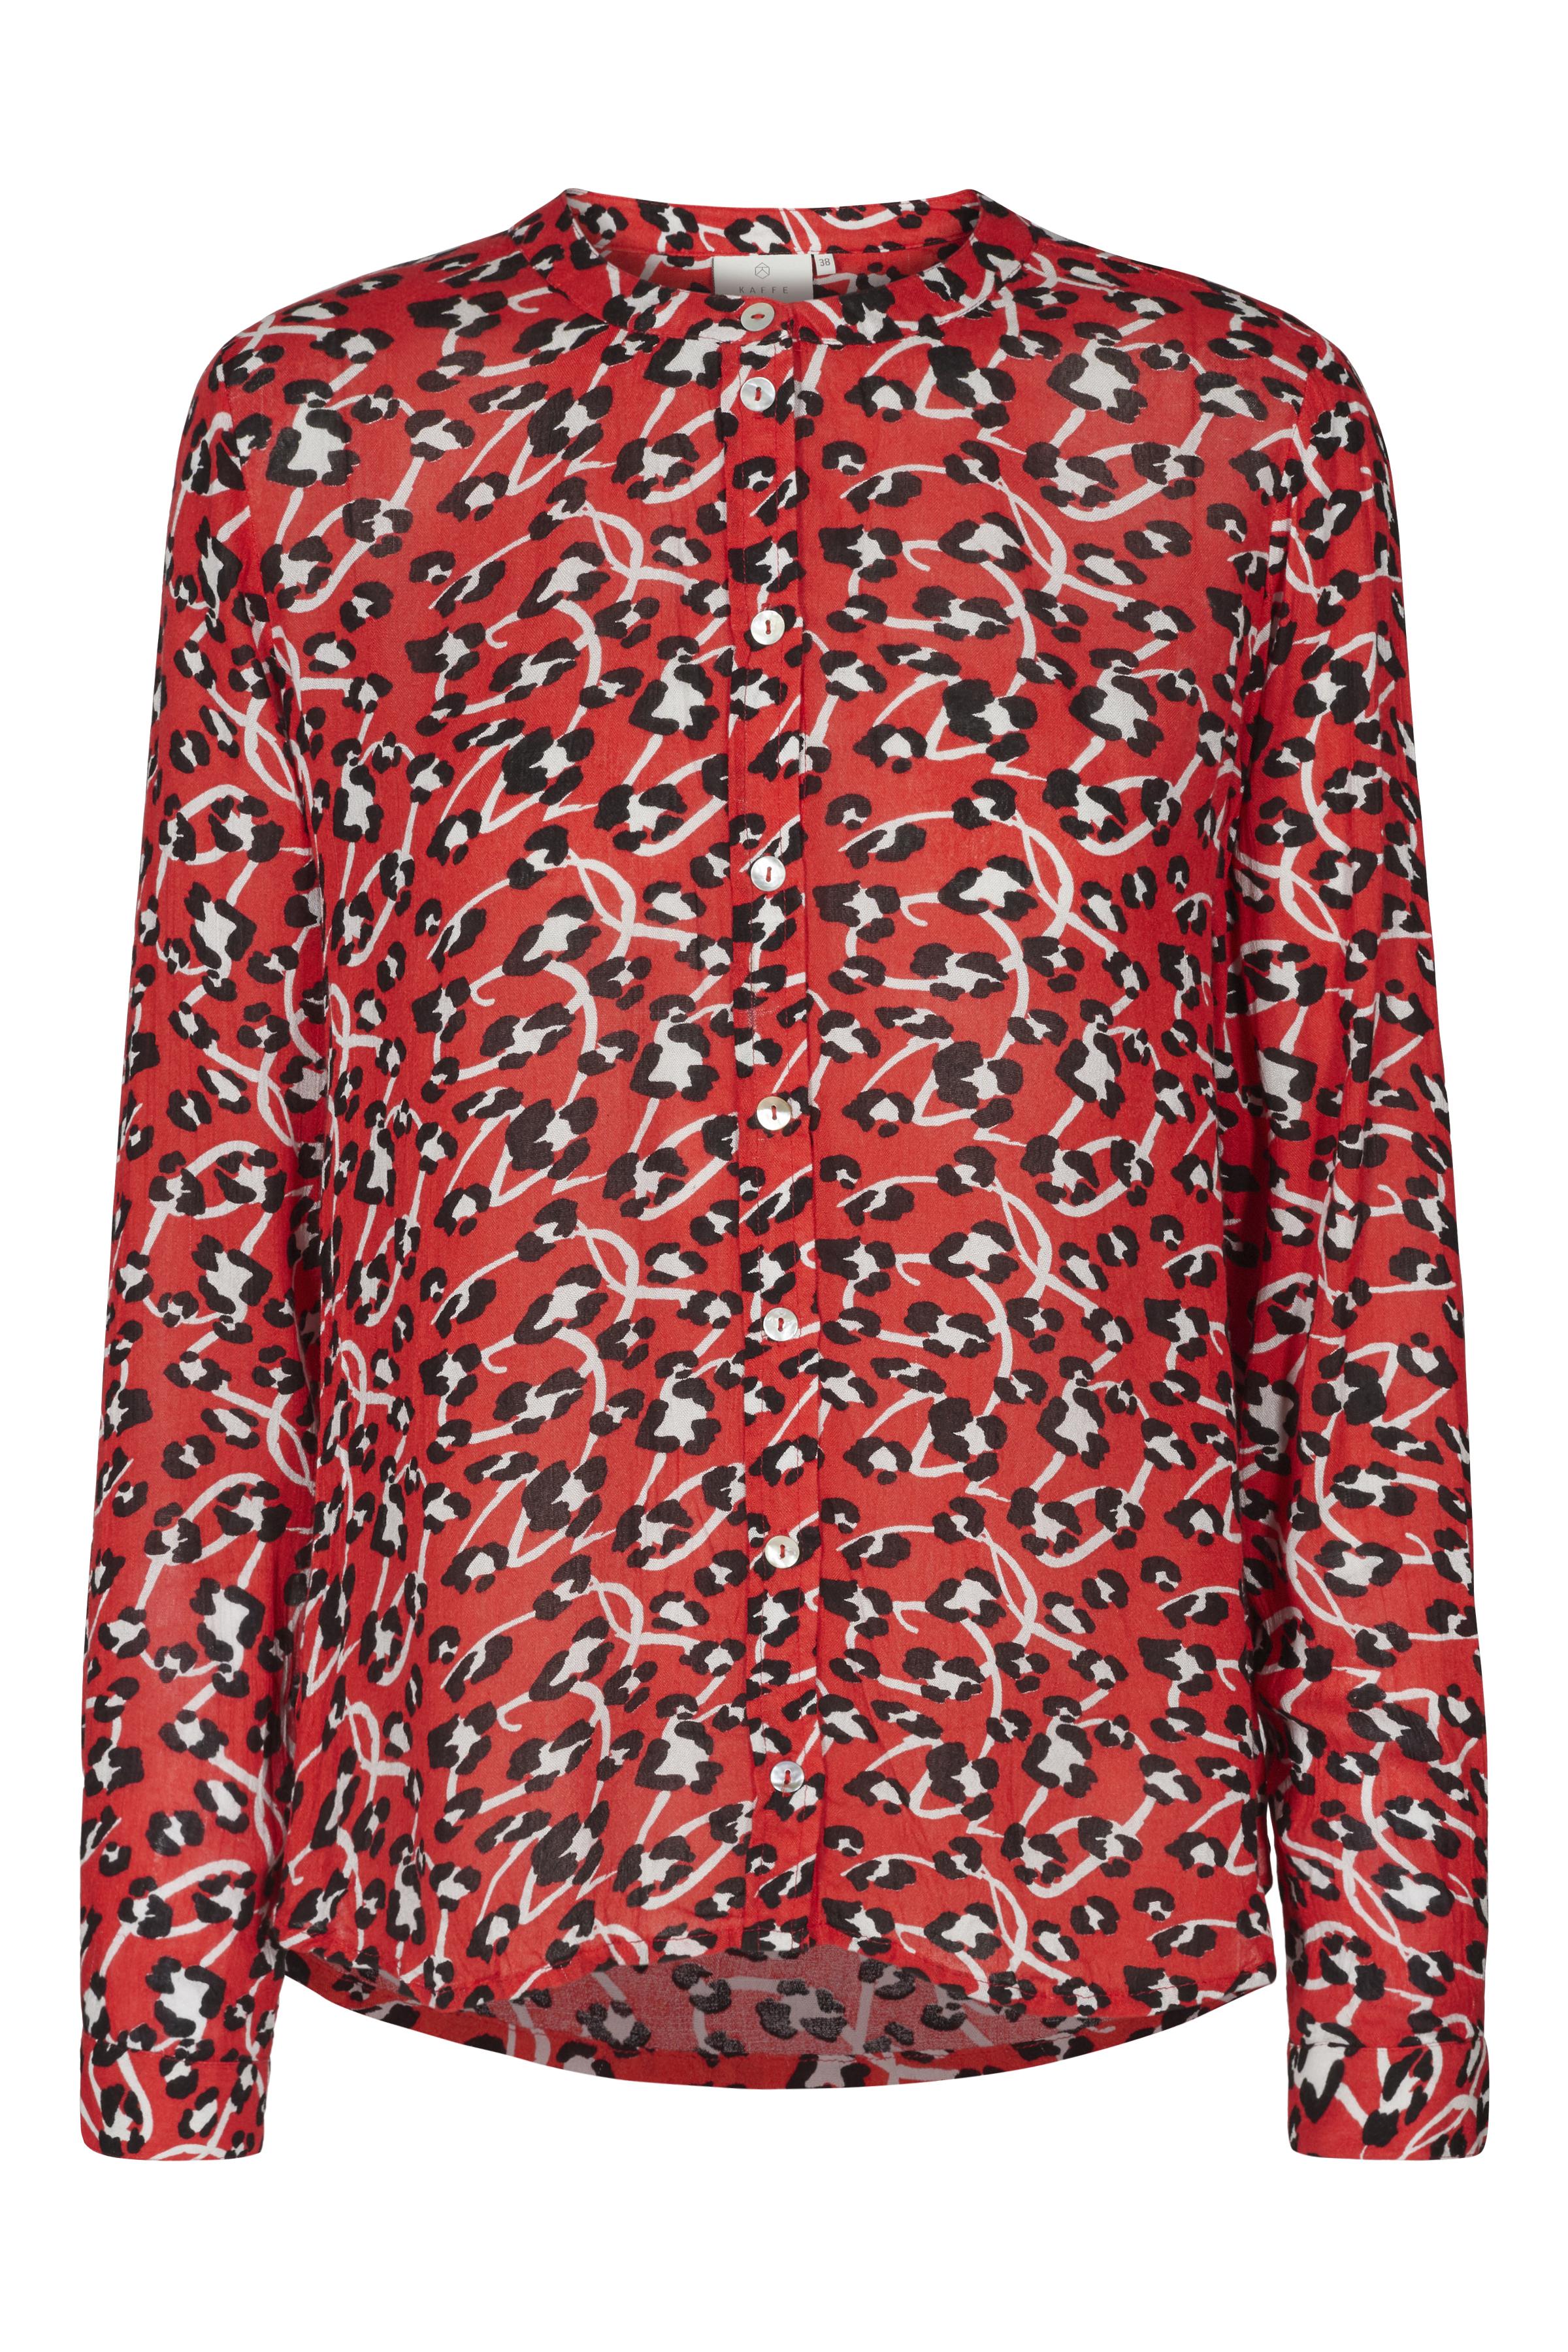 Rød/sort Langærmet skjorte fra Kaffe – Køb Rød/sort Langærmet skjorte fra str. 34-46 her